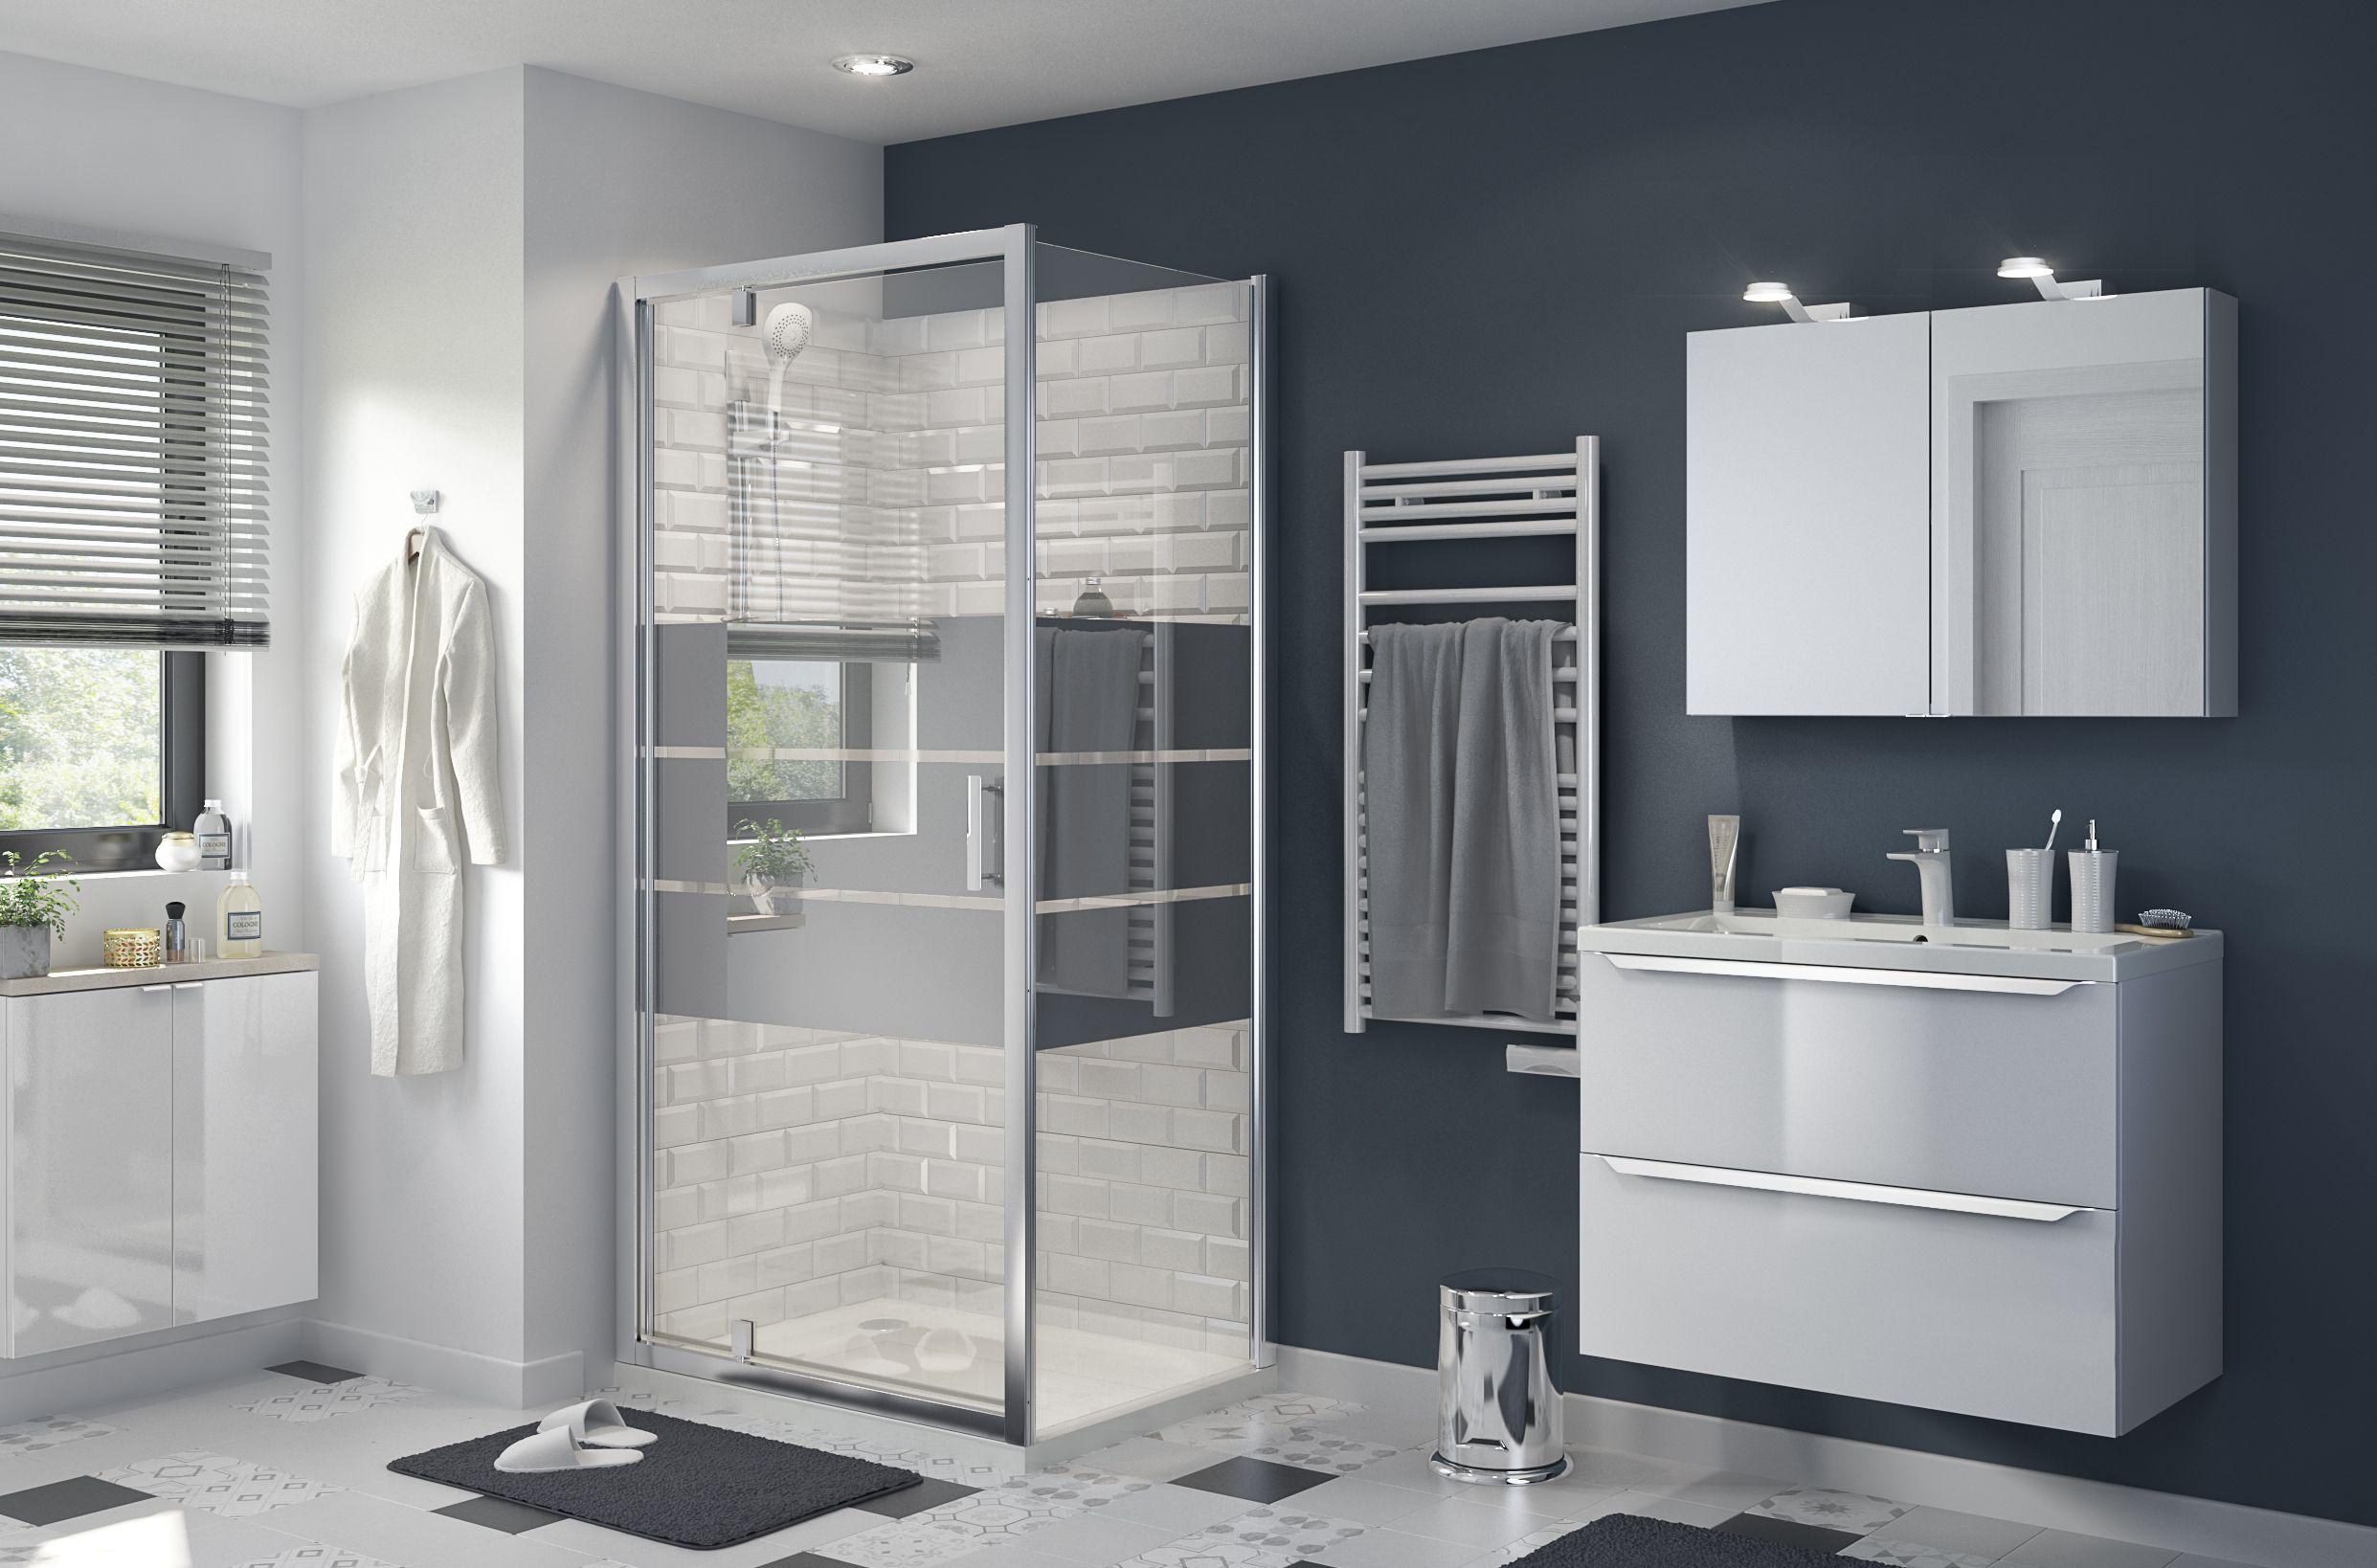 Beloya Cooke Amp Lewis Shower Enclosures Amp Doors Diy At B Amp Q